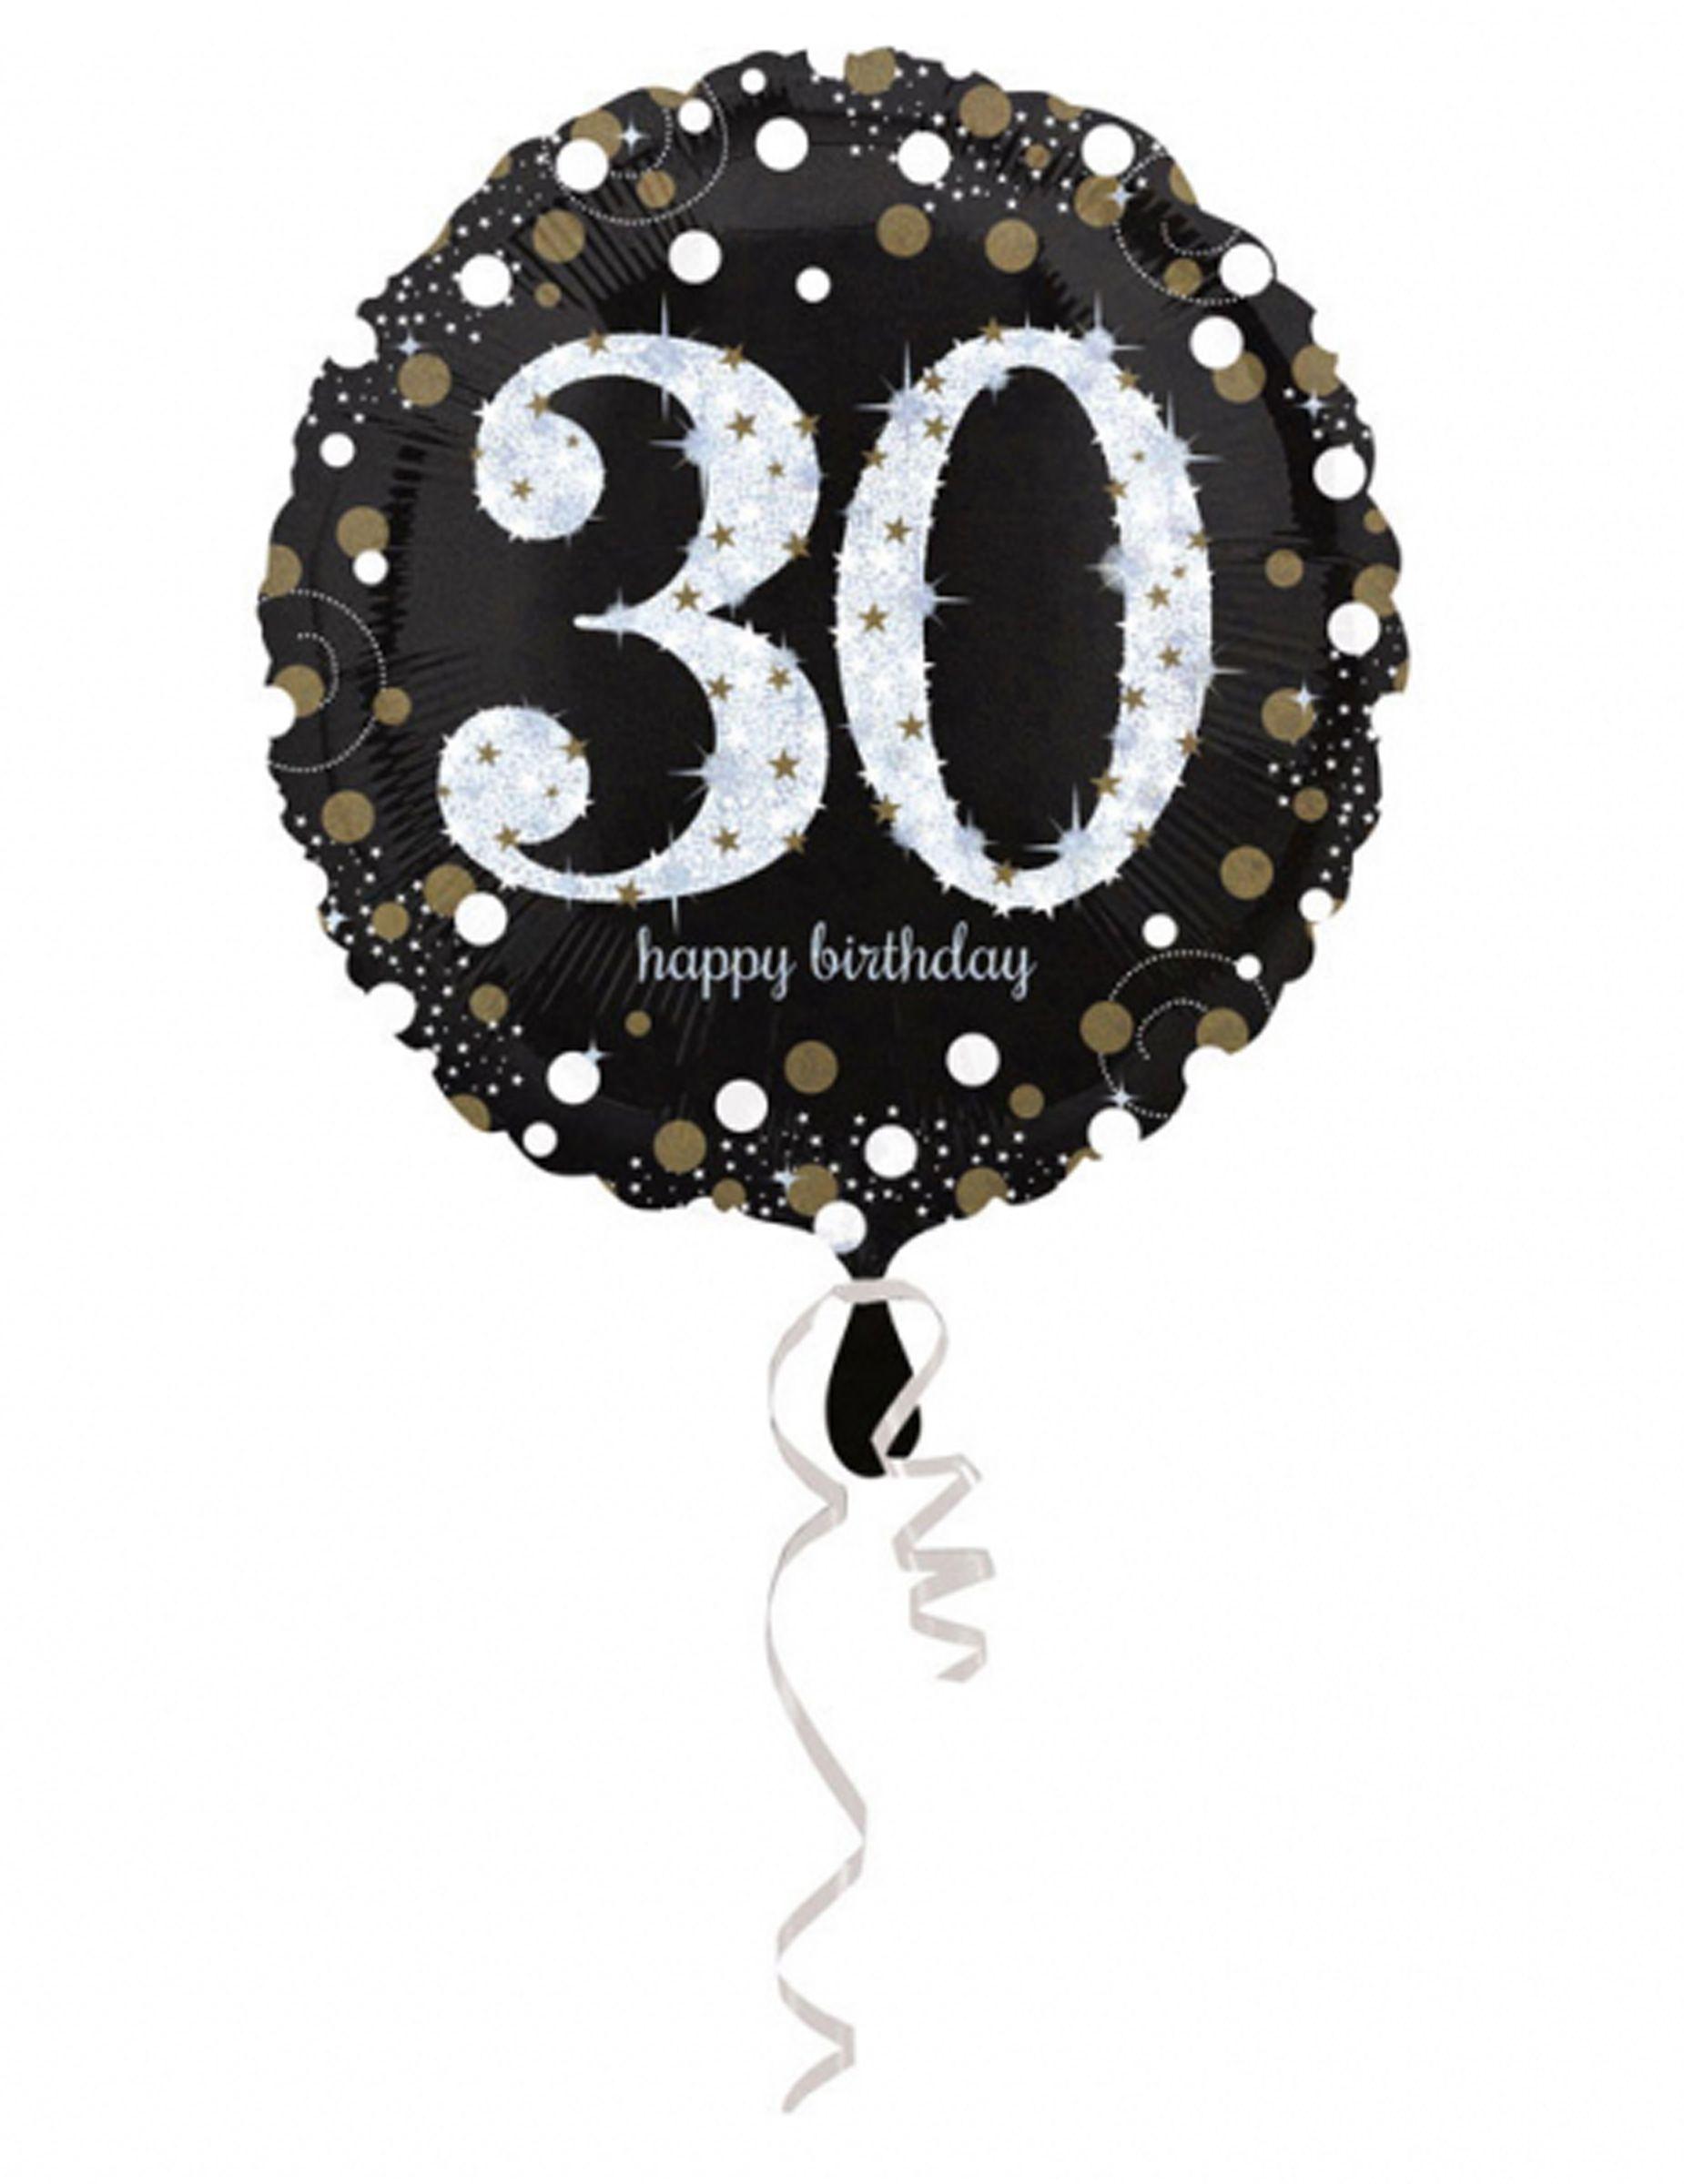 Personalizado Helio Foil Number Balloon Cumpleaños Brillo Contorno